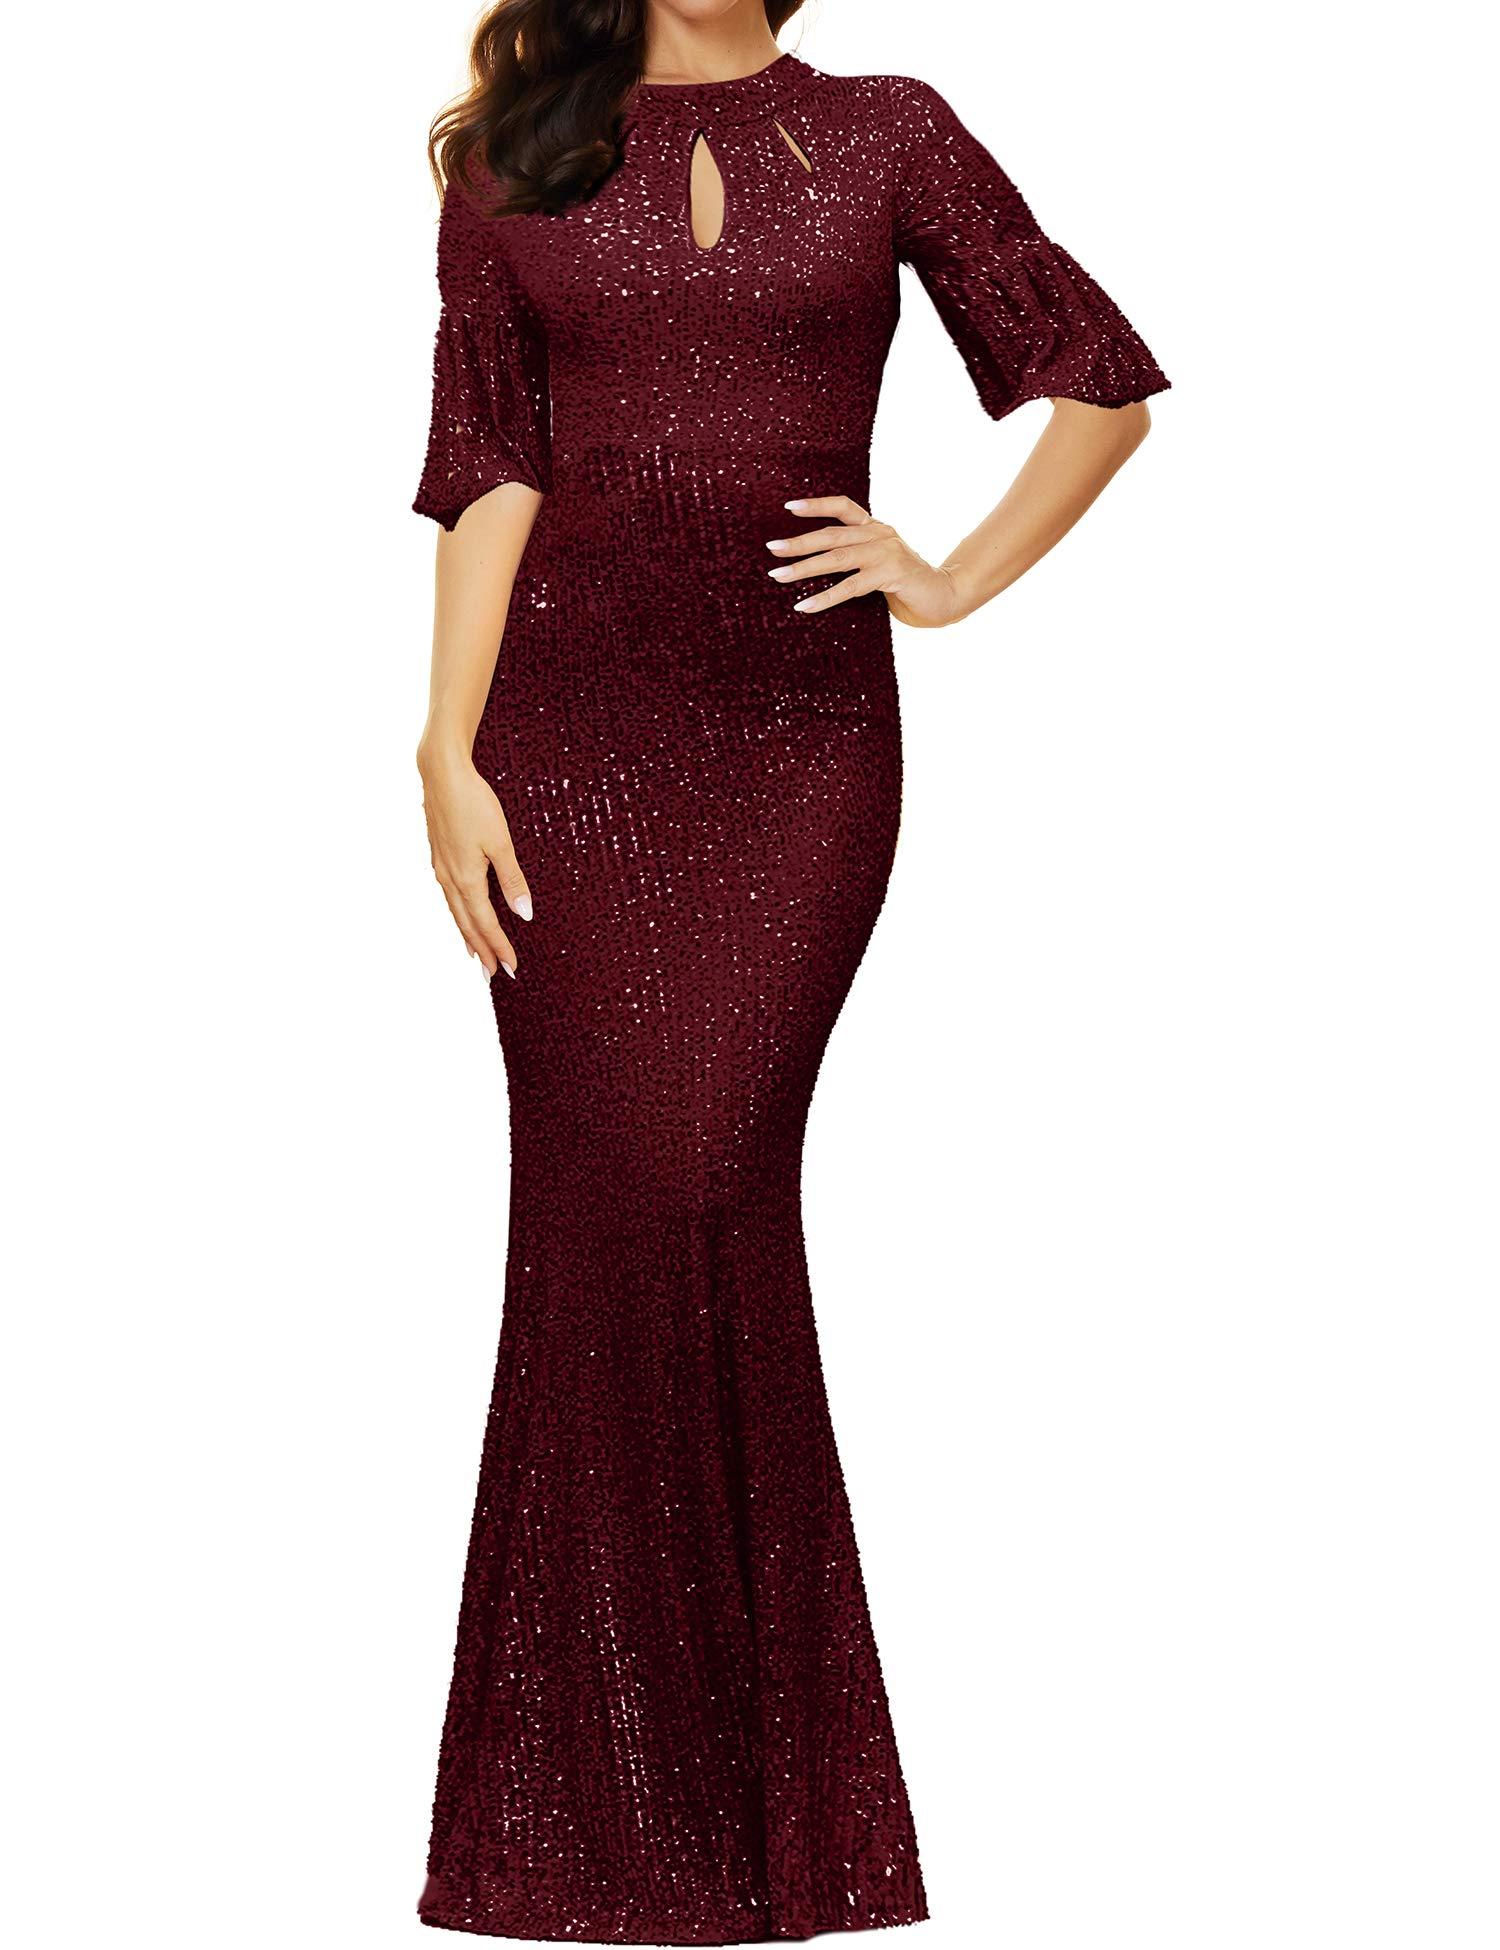 Women's Half Sleeve High Neck Sequin Long Evening Dress Party Maxi Dress